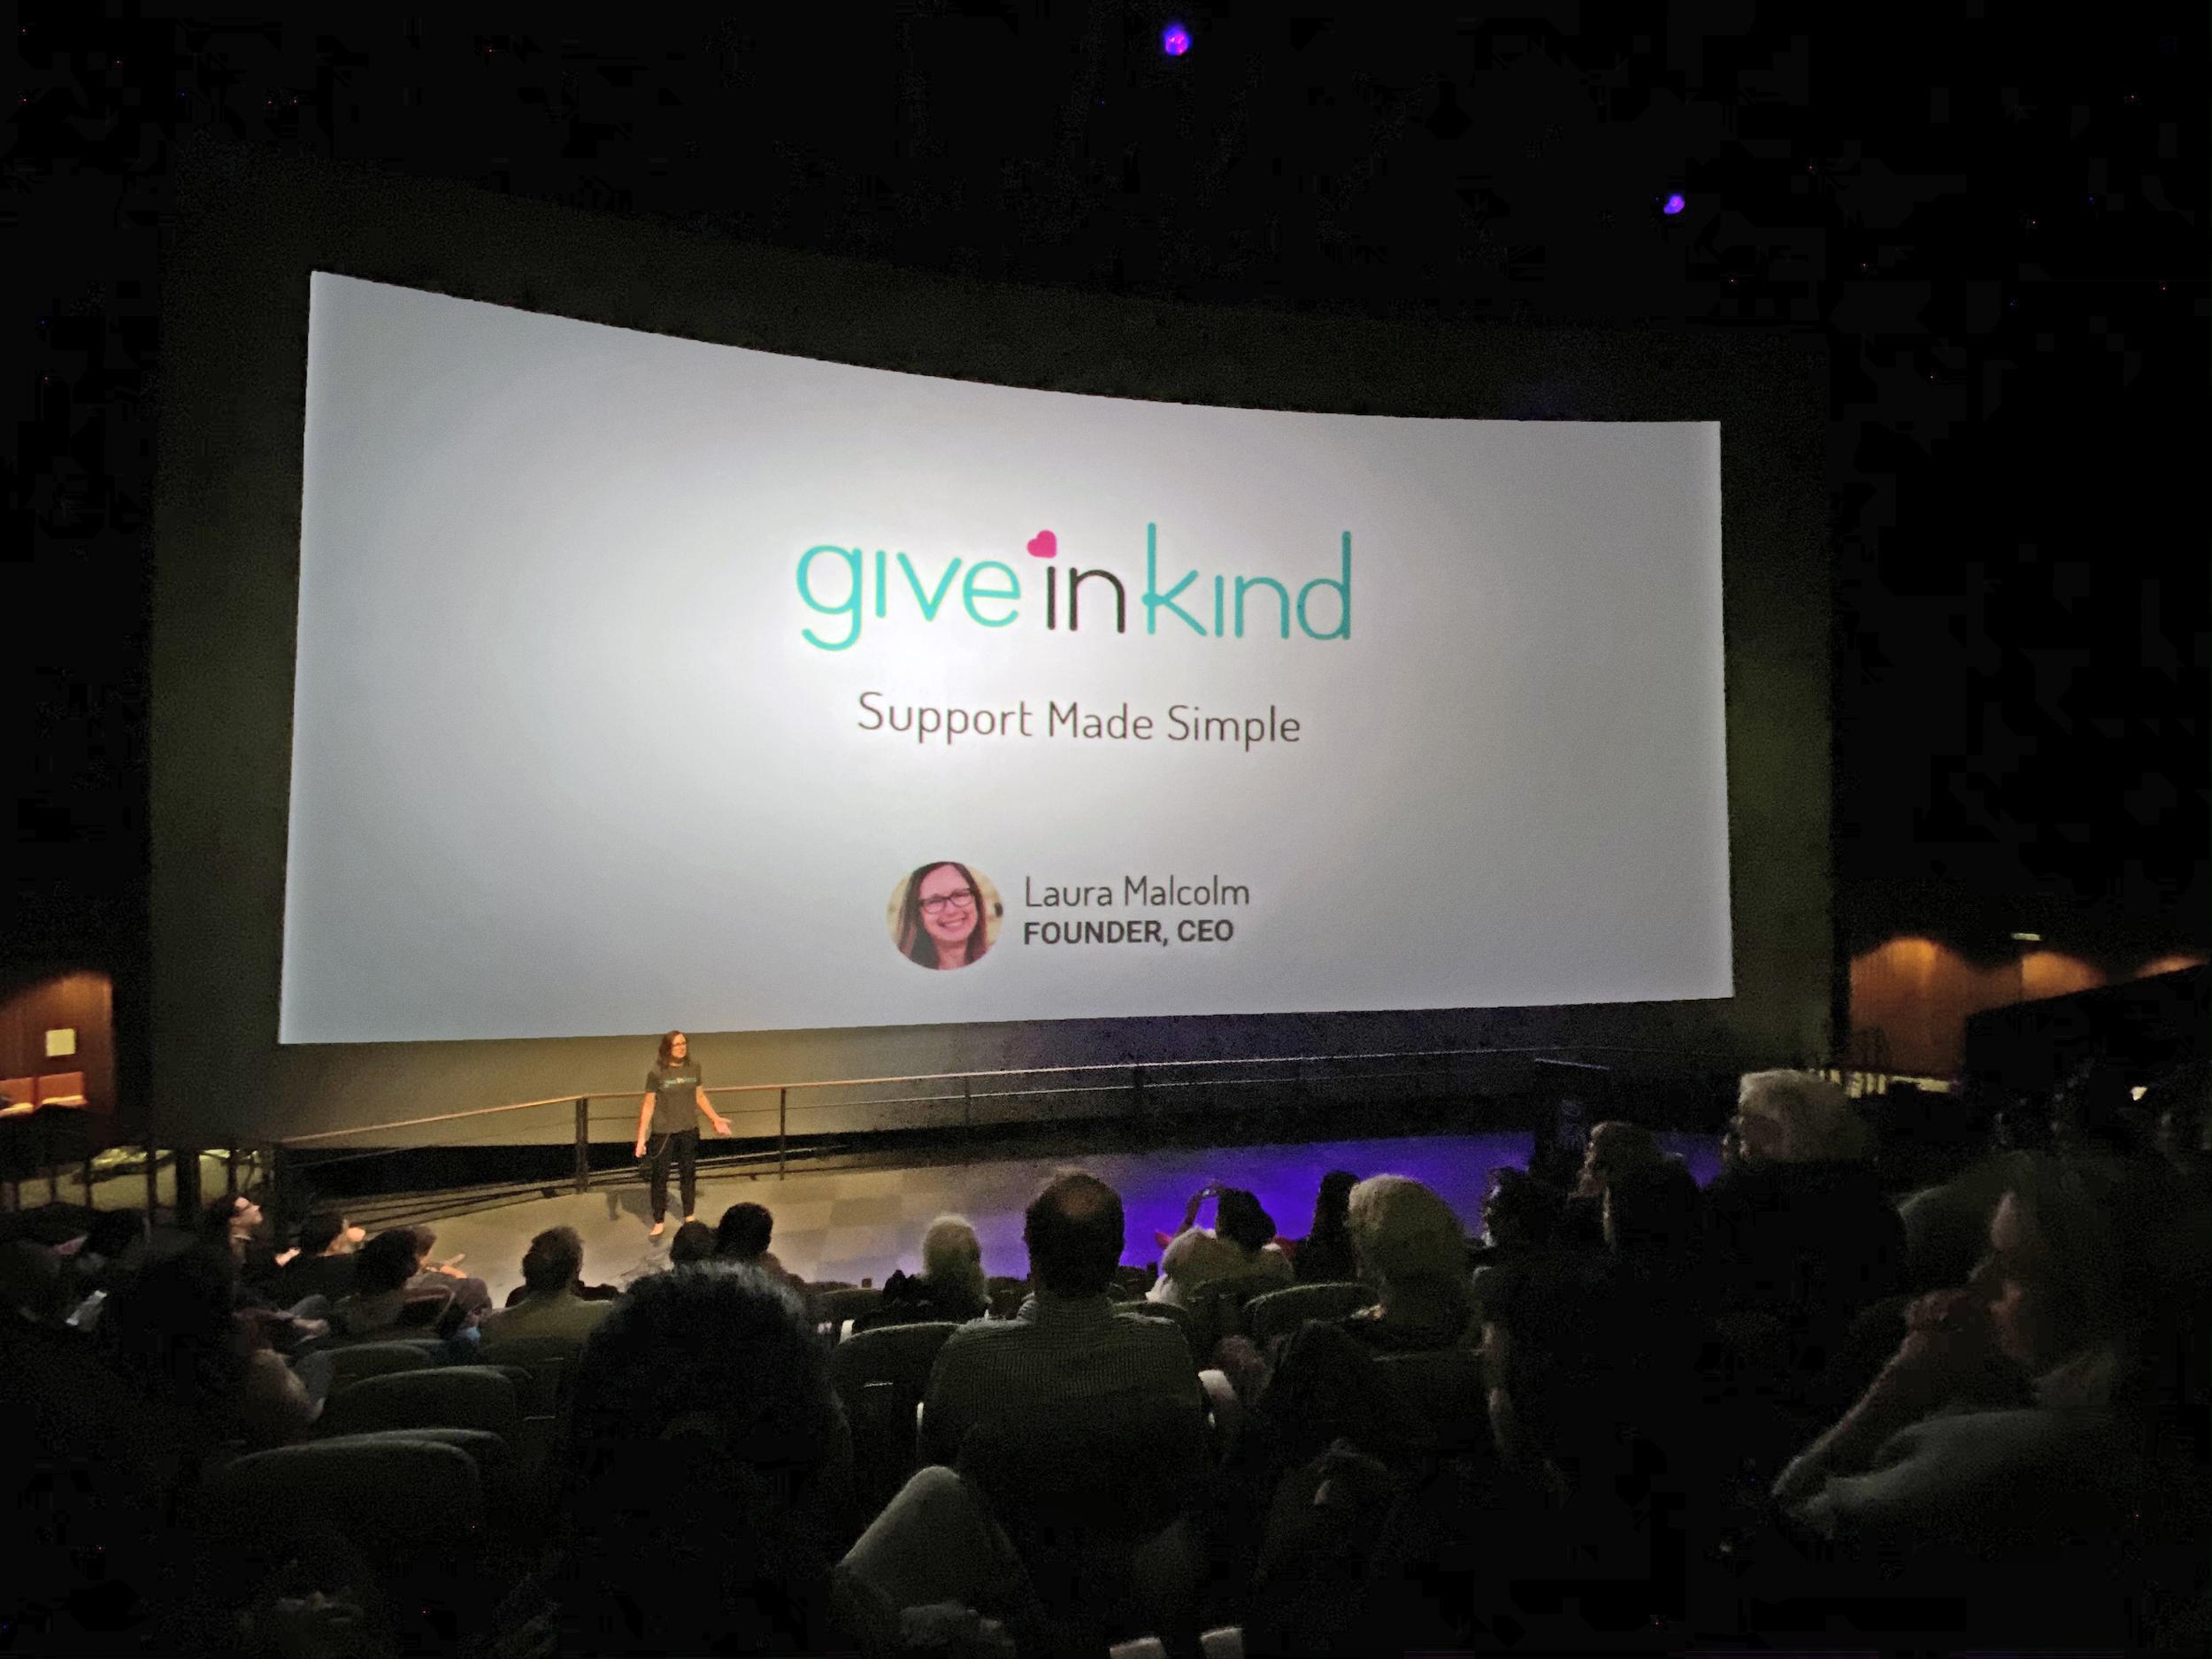 La plataforma de donaciones más inteligente de Give InKind trae sorpresivamente $ 1.5 millones en fondos pre-semilla - TechCrunch 4